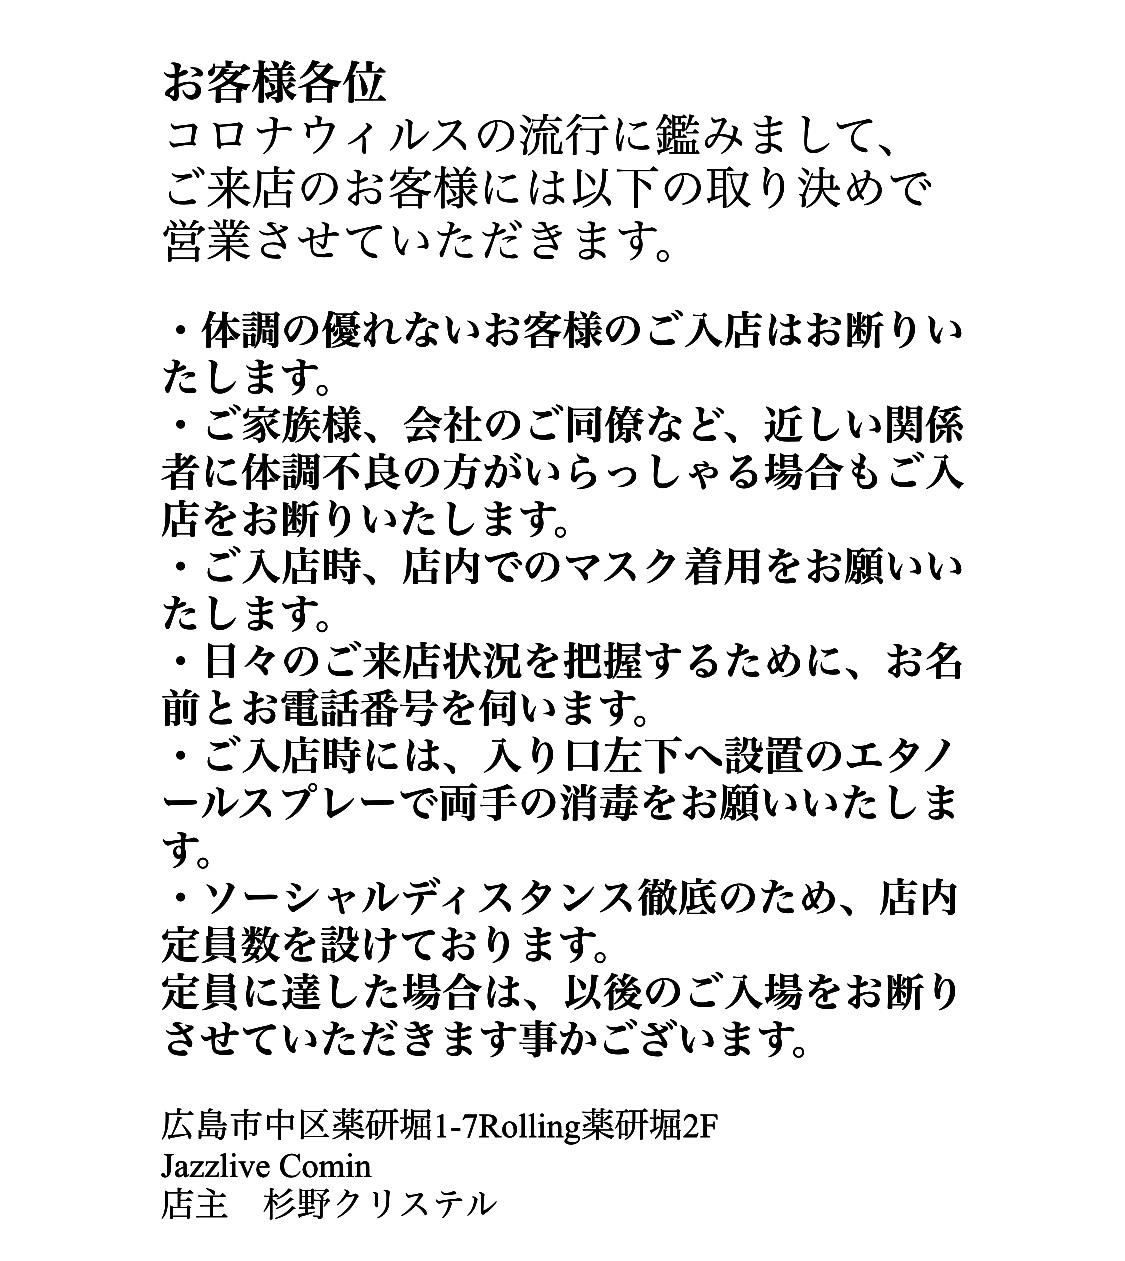 ジャズライブ カミンJazzlive Comin 広島 8月11日〜13日はお休みです。_b0115606_10210662.jpeg